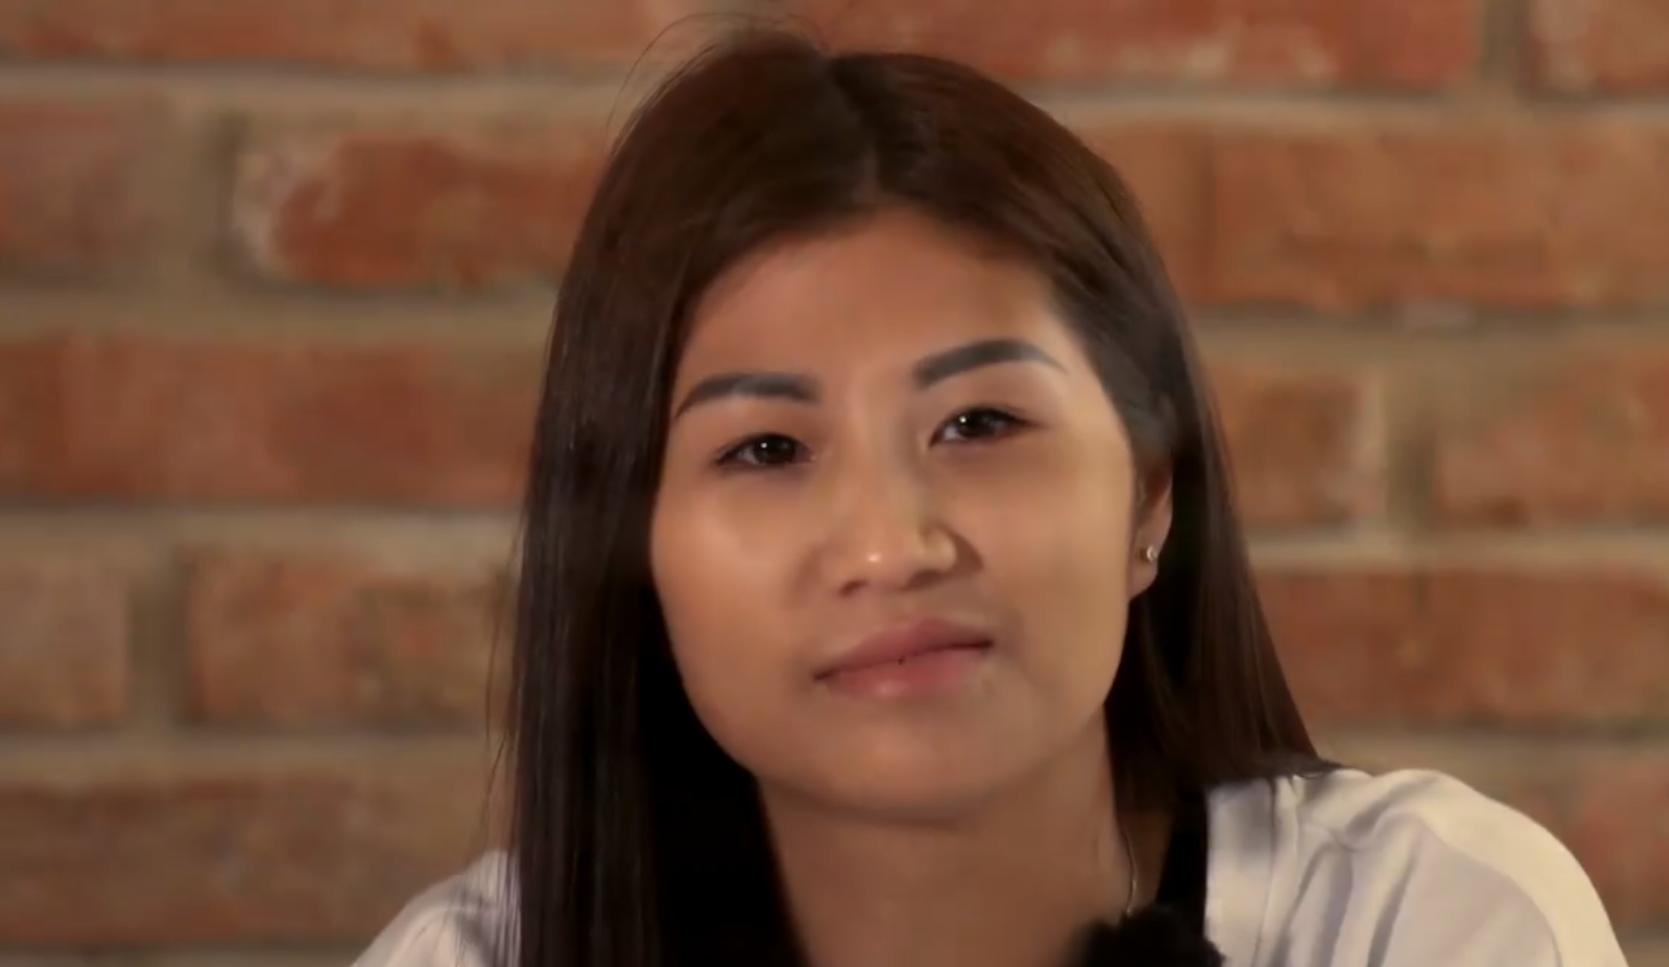 Vietnamka Lan Anh o životě v Přerově: Lidé tady nedělají rozdíly v tom, jestli jsme cizinci nebo Češi